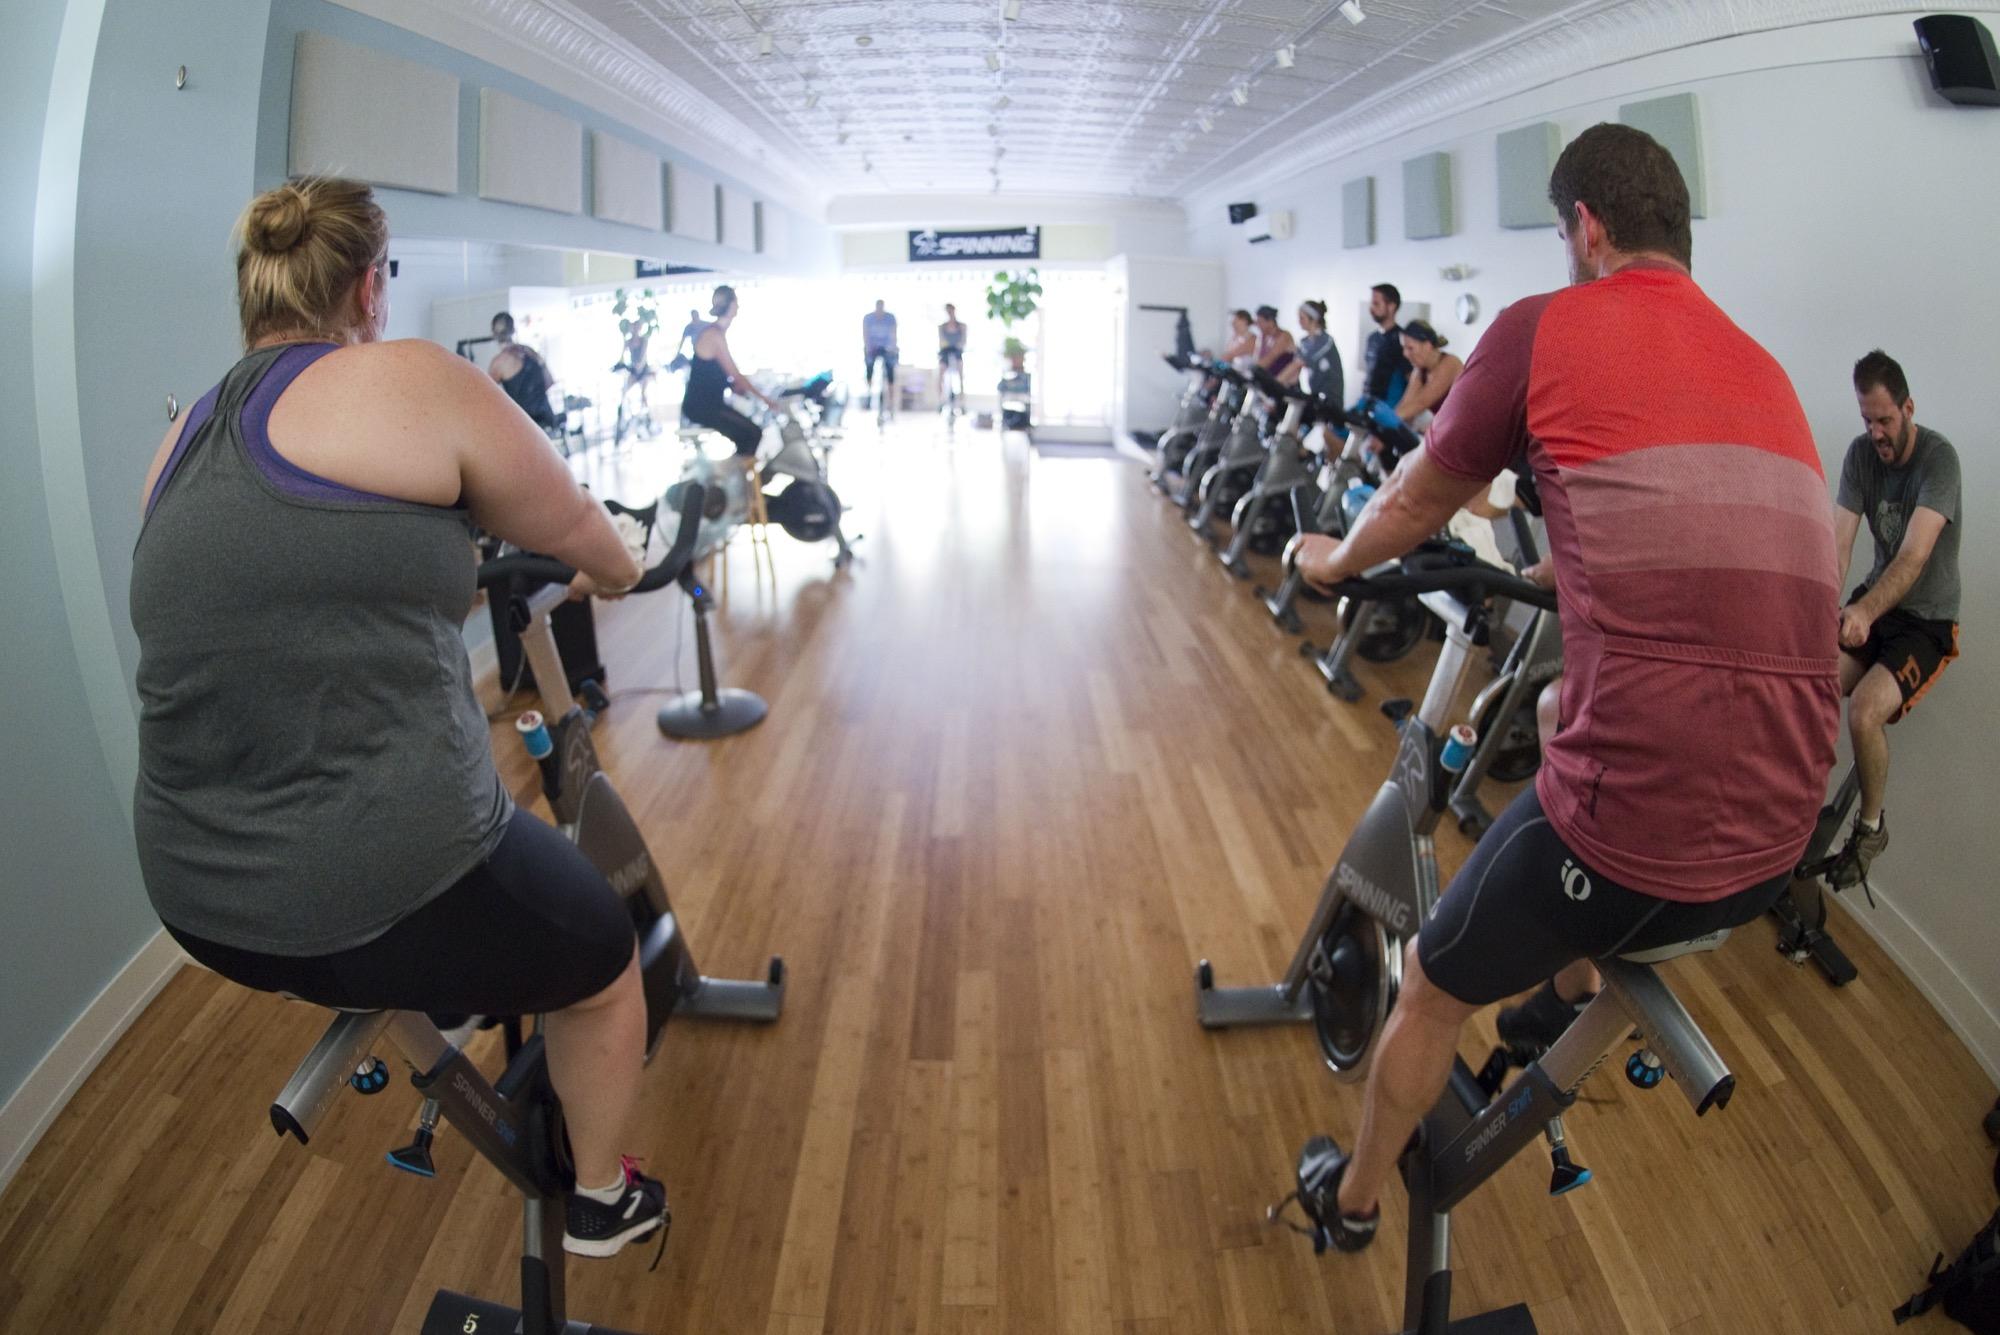 Fitness class Montpelier VT